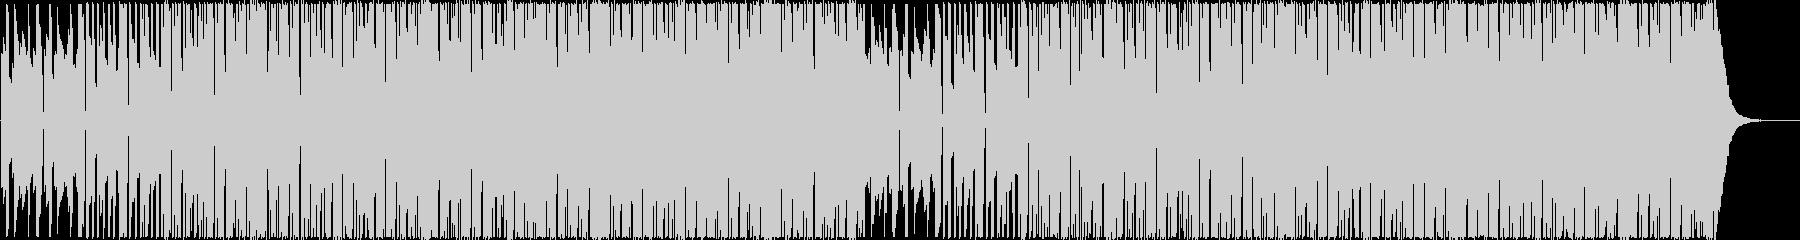 ミドルテンポの都会的な4つ打ちエレクトロの未再生の波形